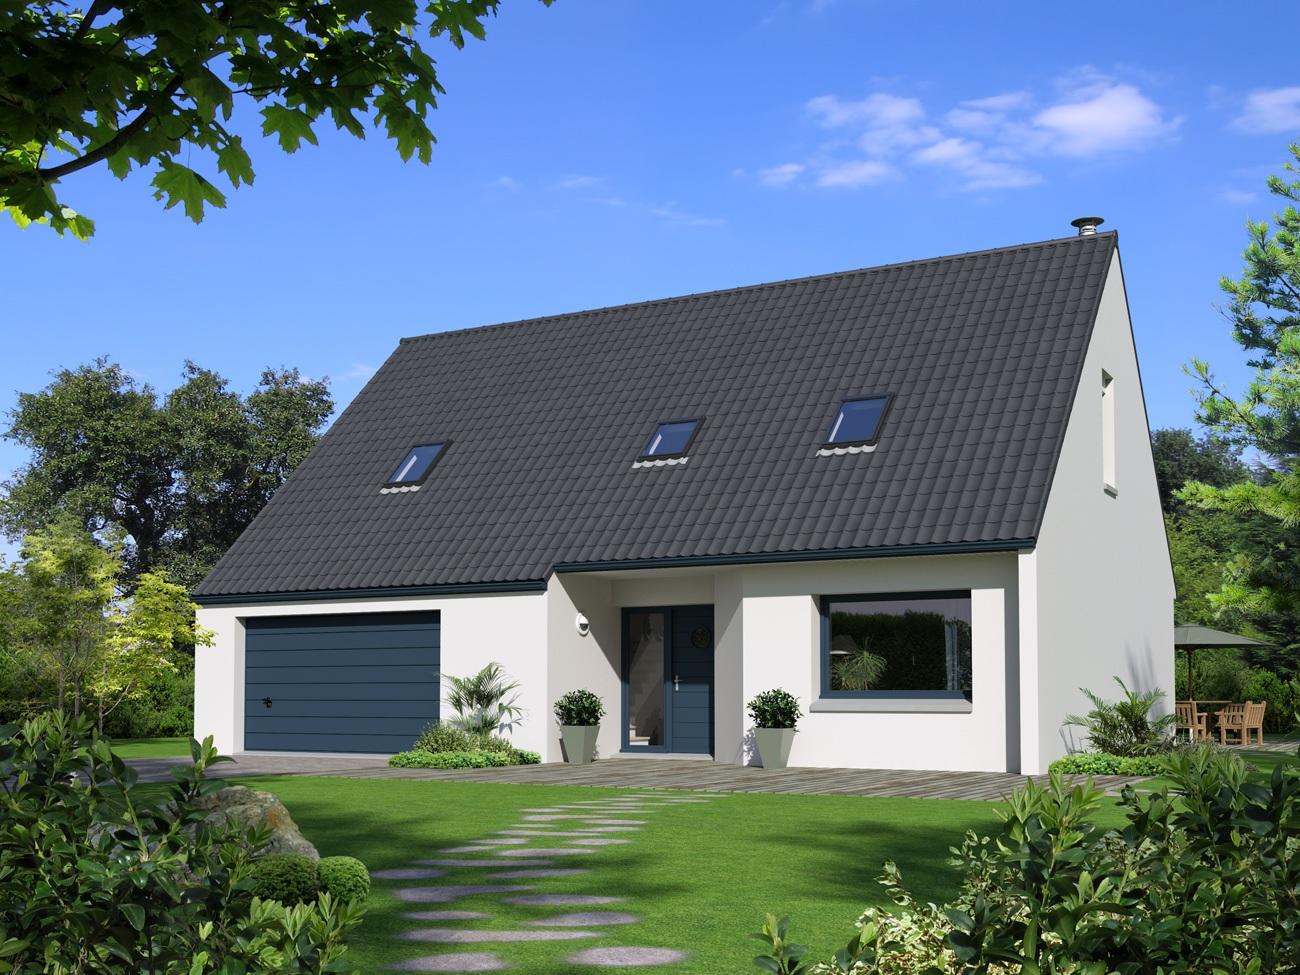 Maisons + Terrains du constructeur Maison Familiale Mazingarbe • 107 m² • BIACHE SAINT VAAST